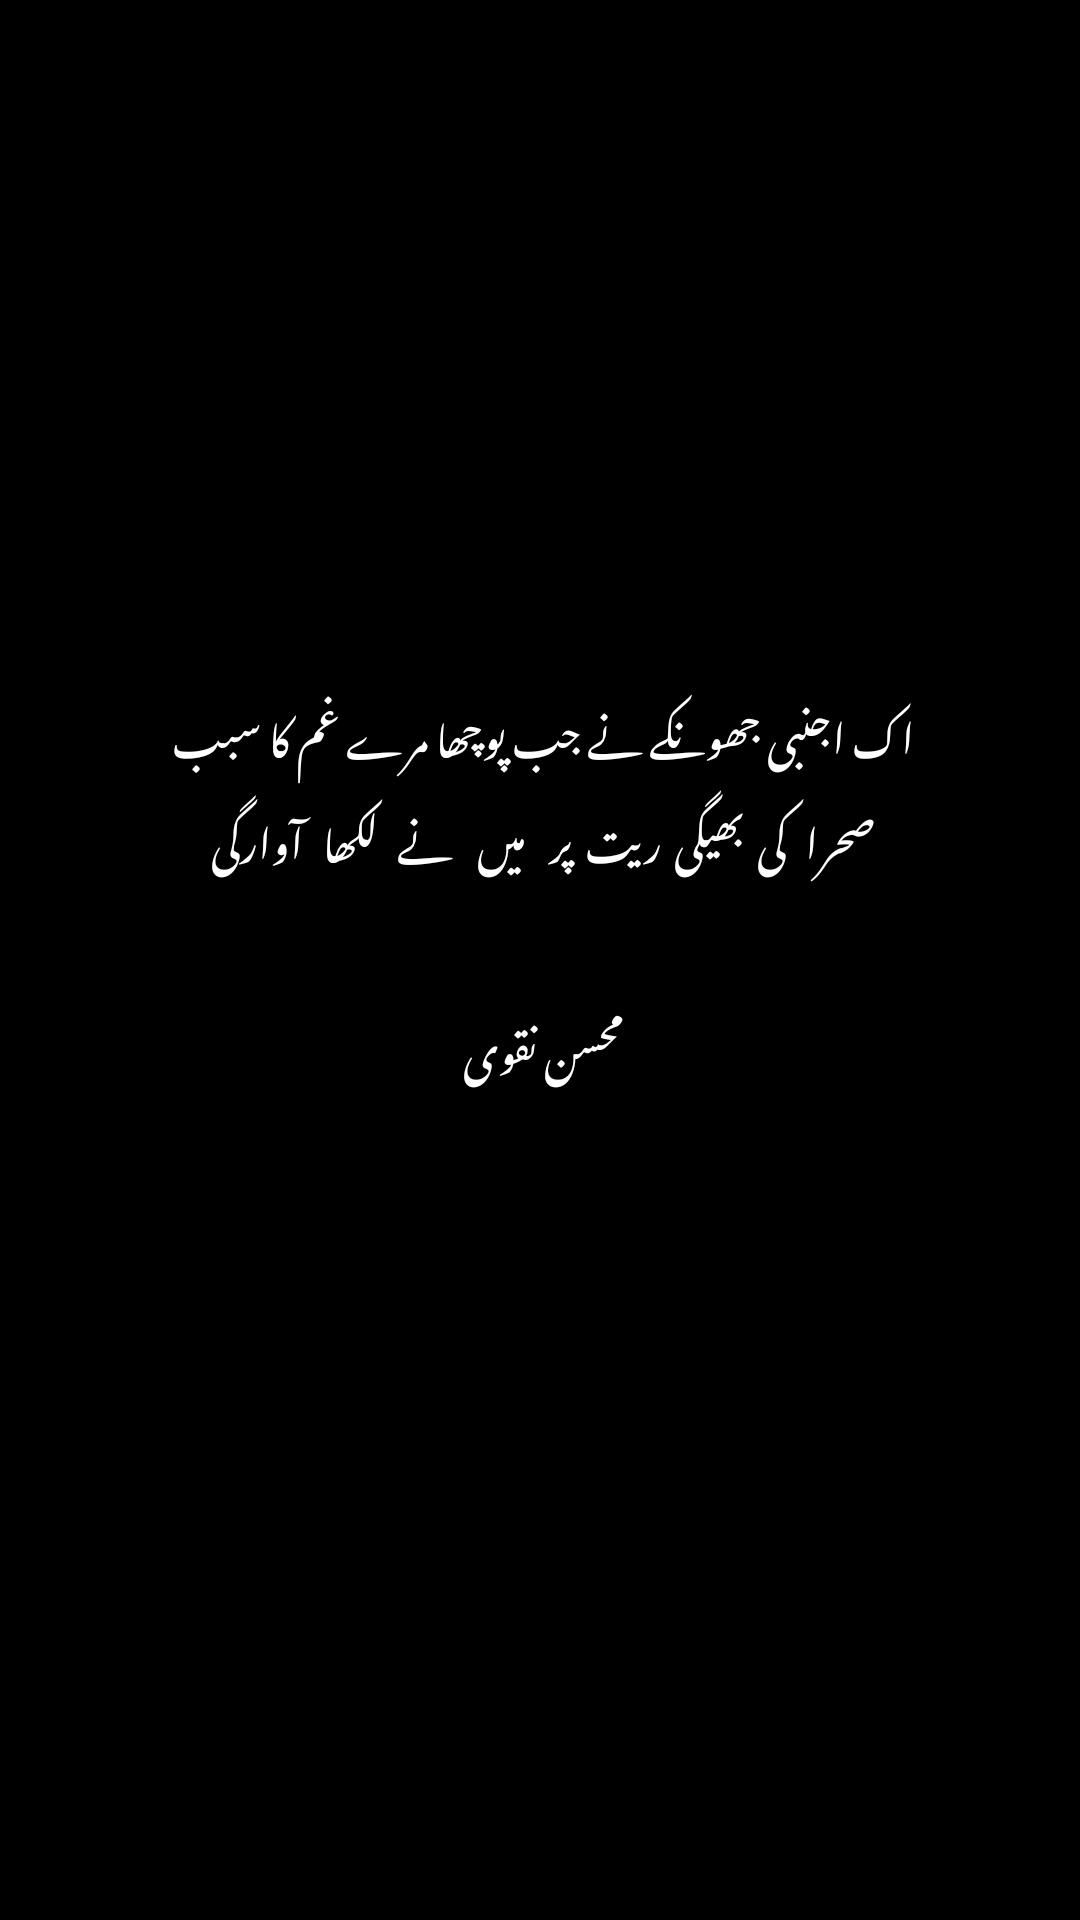 اک اجنبی جھونکے نے جب پوچھا مرے غم کا سبب  صحرا   کی  بھیگی  ریت  پر    میں    نے   لکھا   آوارگی   محسن نقوی